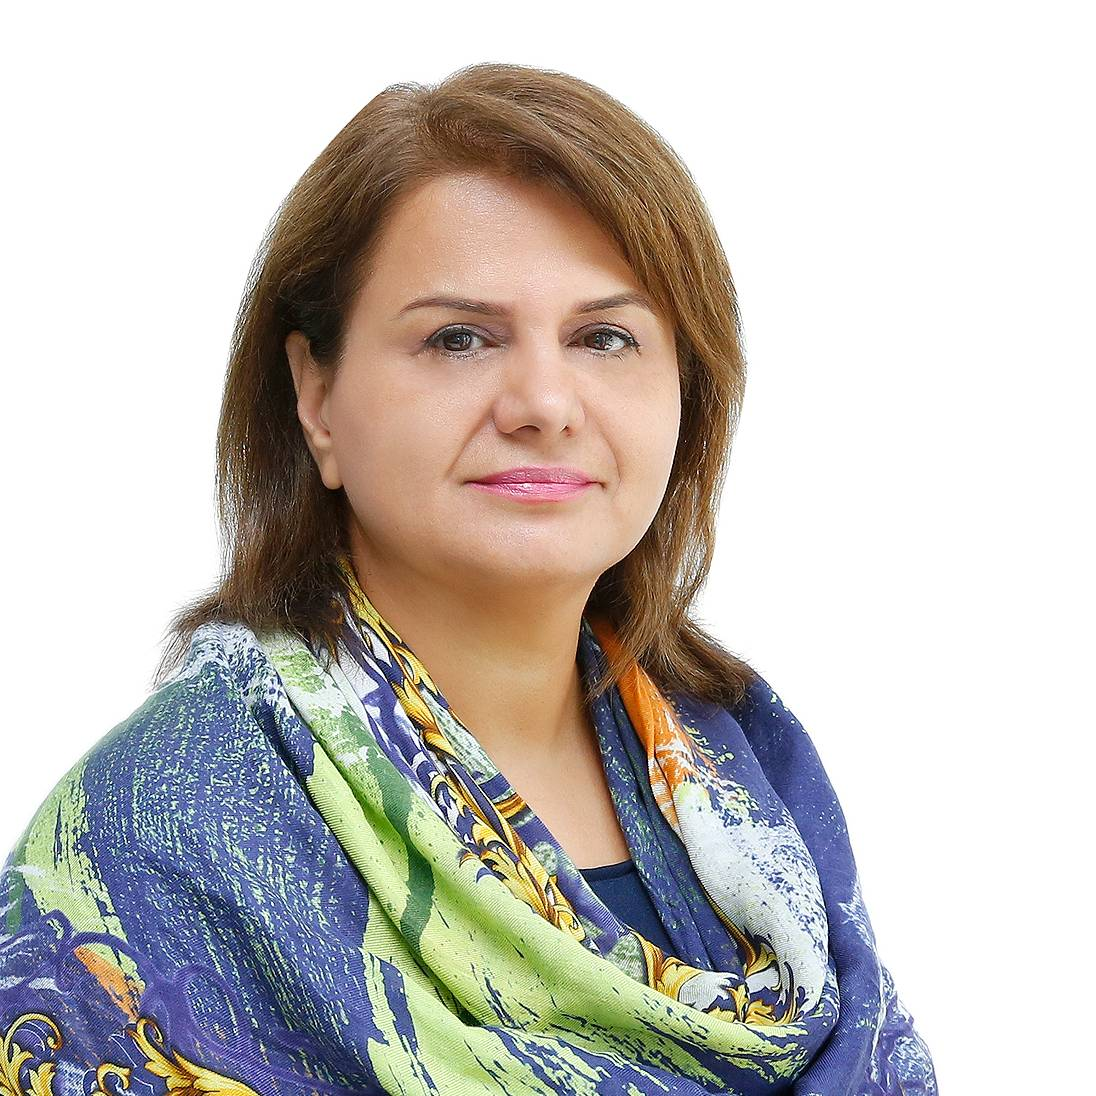 Soheila Aeinehchi